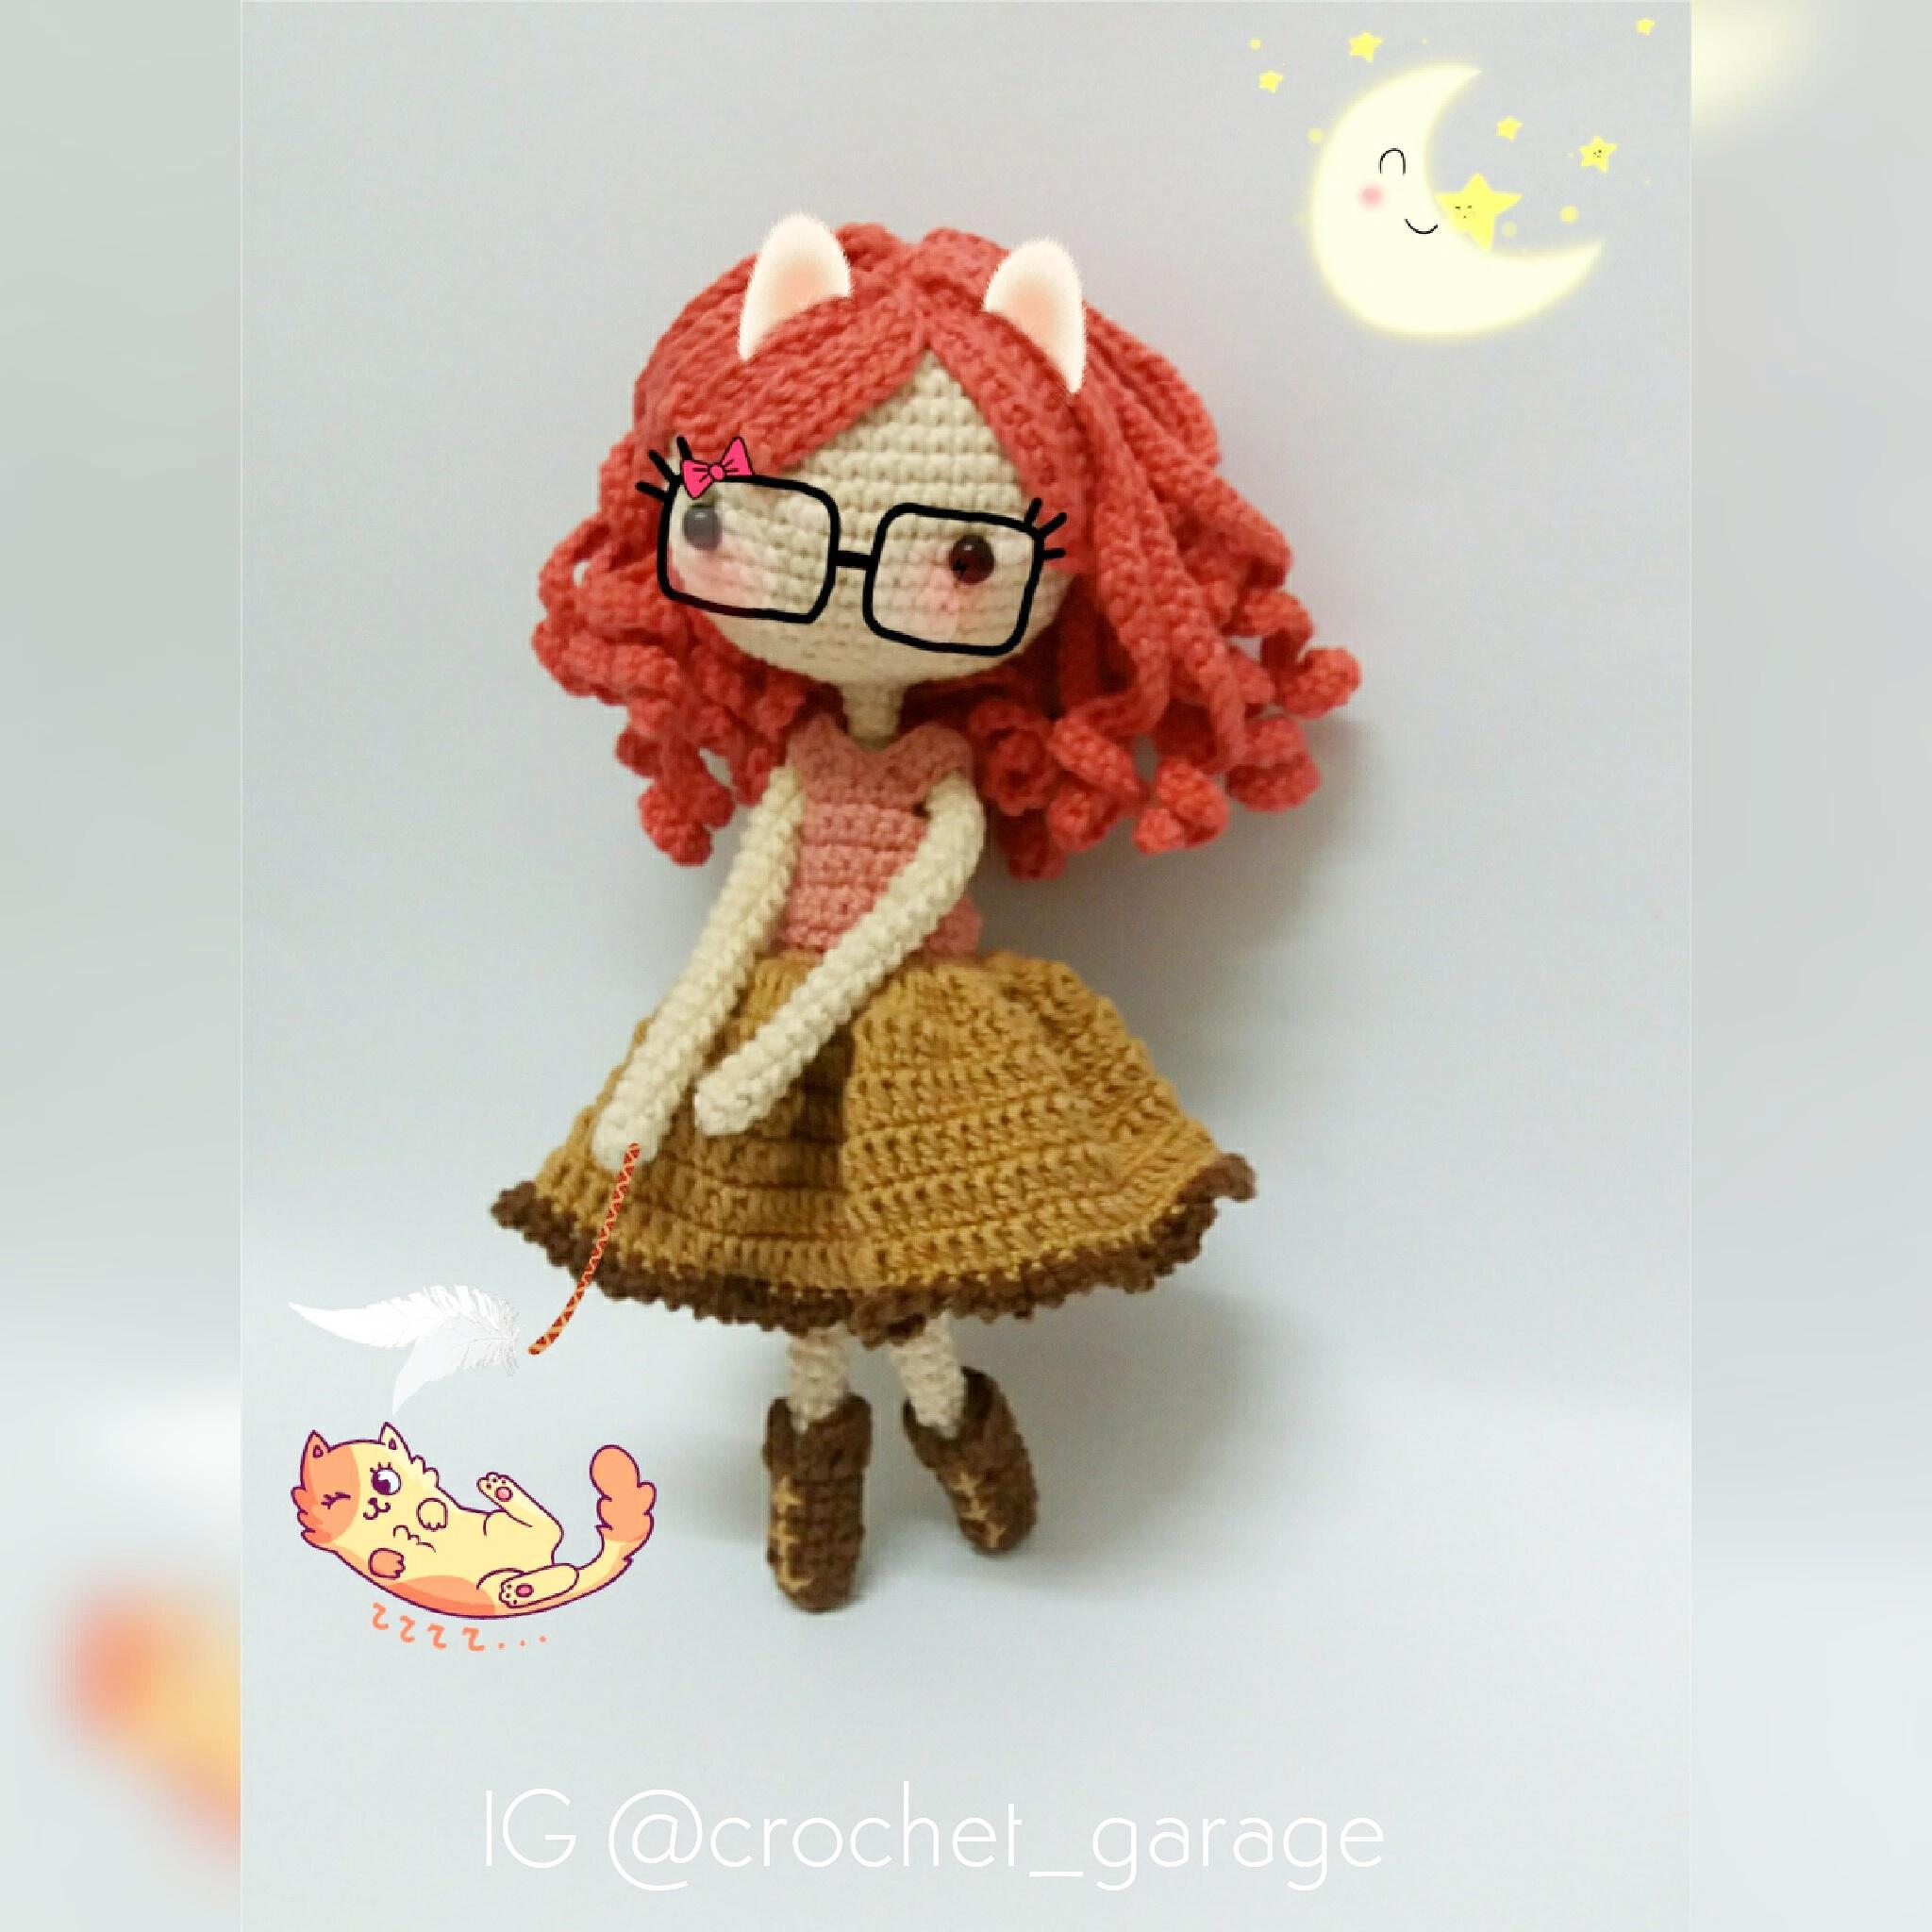 crochet doll 🔎zoom ynetbhr